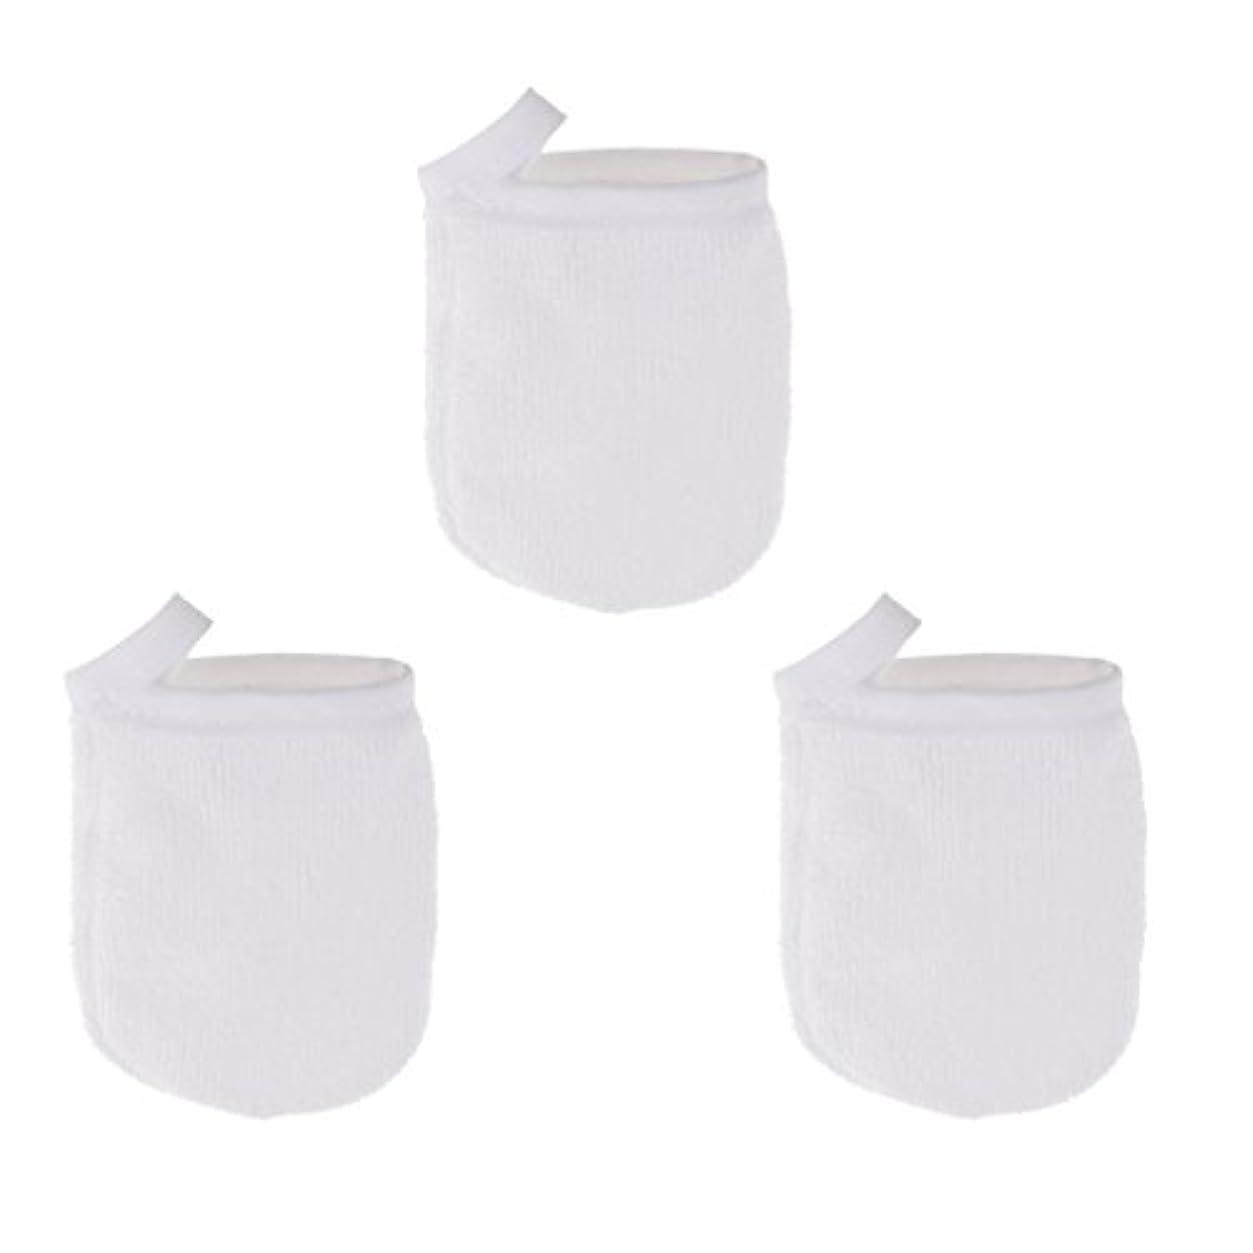 渇き取り戻す花輪Toygogo 洗顔グローブ 手袋 ソフト フェイスクレンジンググローブ メイクリムーバー スキンケア 3個